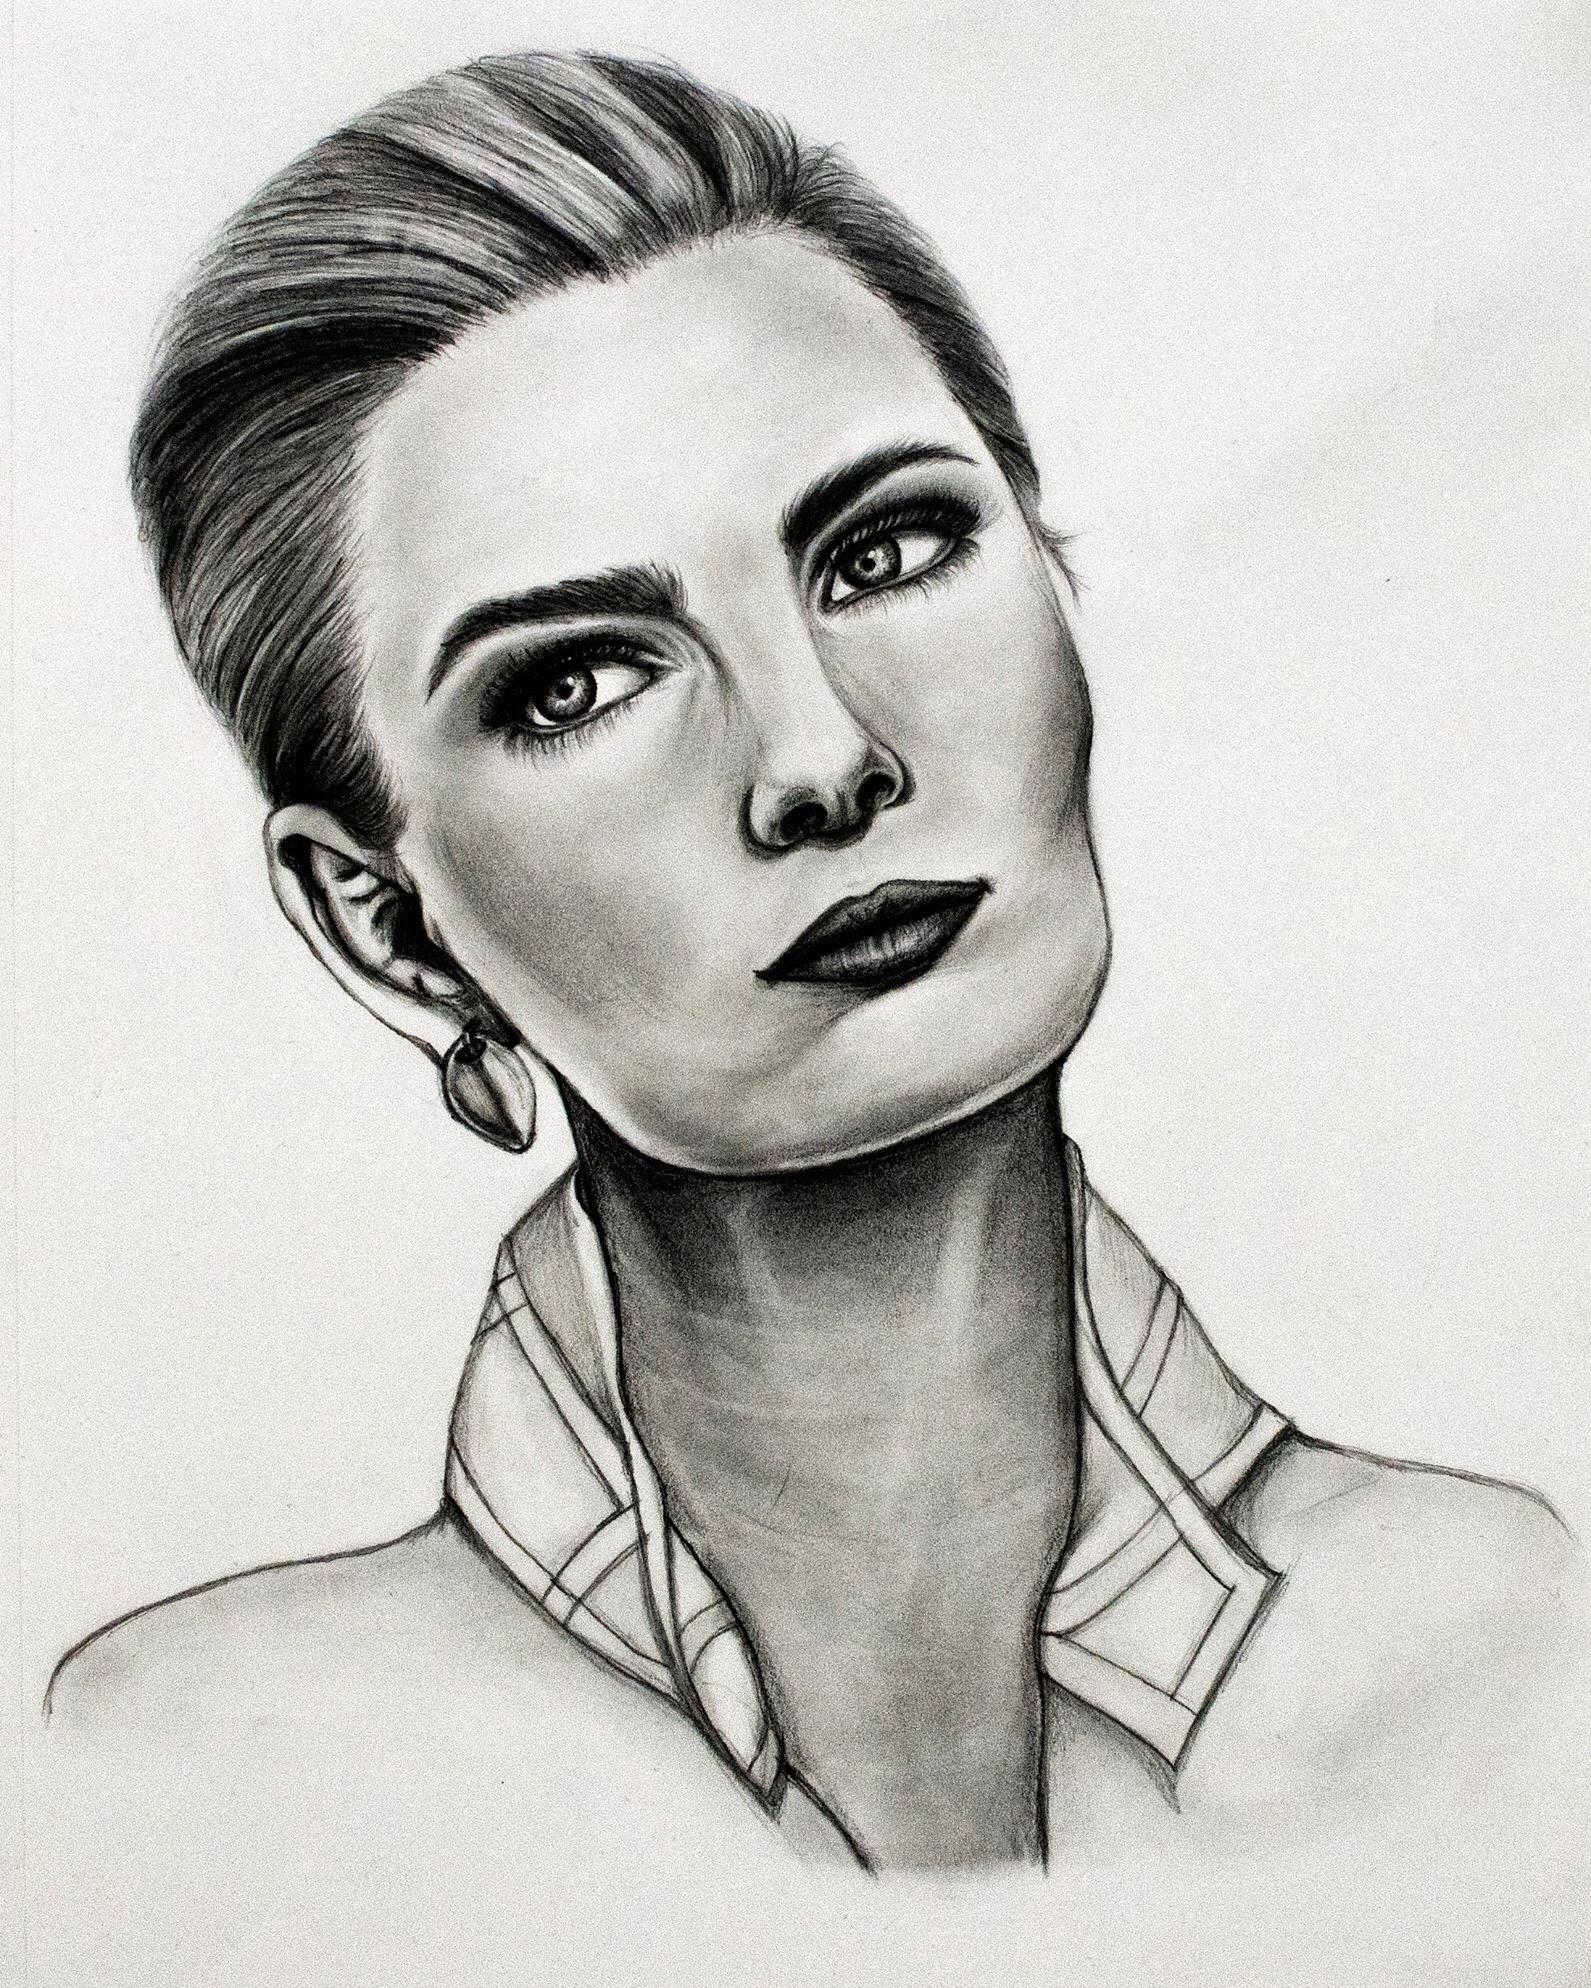 Paulina Porizkova    -       Graphite - 9x12 - 2017